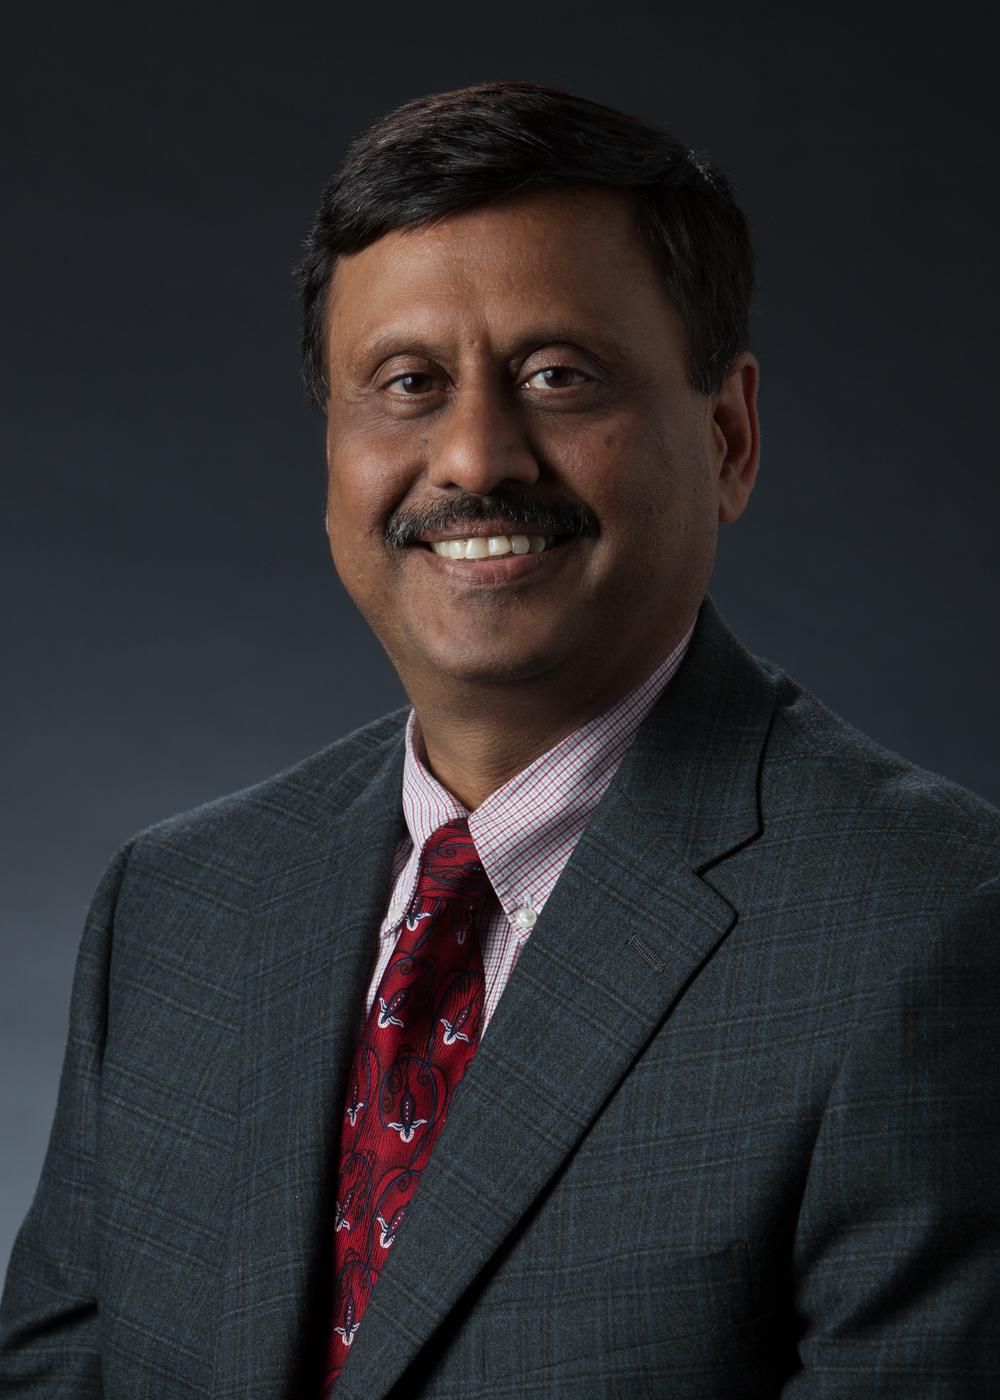 Dr. Pradeep K. Garg